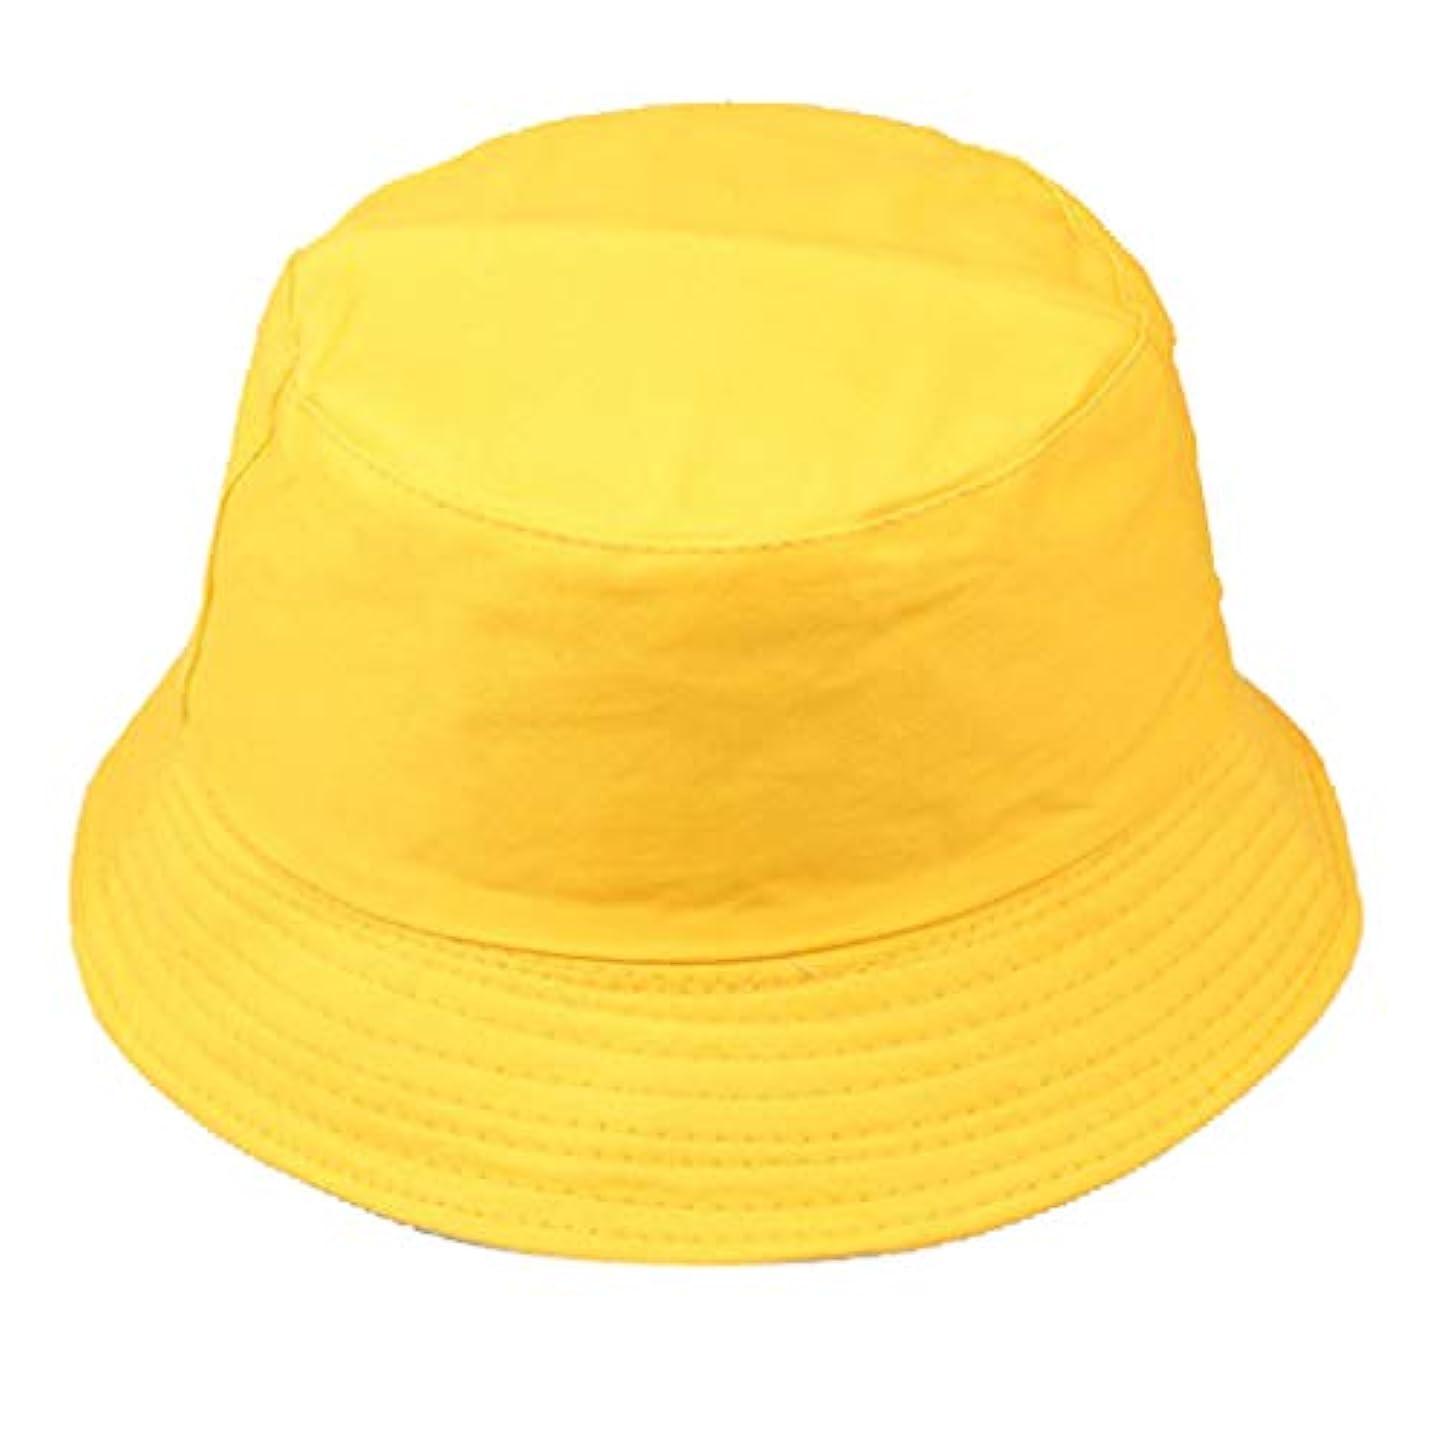 請願者効果歯科医帽子 レディース 漁師帽 つば広 UVカット 熱中症 夏 海 紫外線 日除け レディース 帽子 キャップ ハット レディース 漁師の帽子 小顔効果抜群 アウトドア 紫外線対策 日焼け対策 ハット 調整テープ ROSE ROMAN